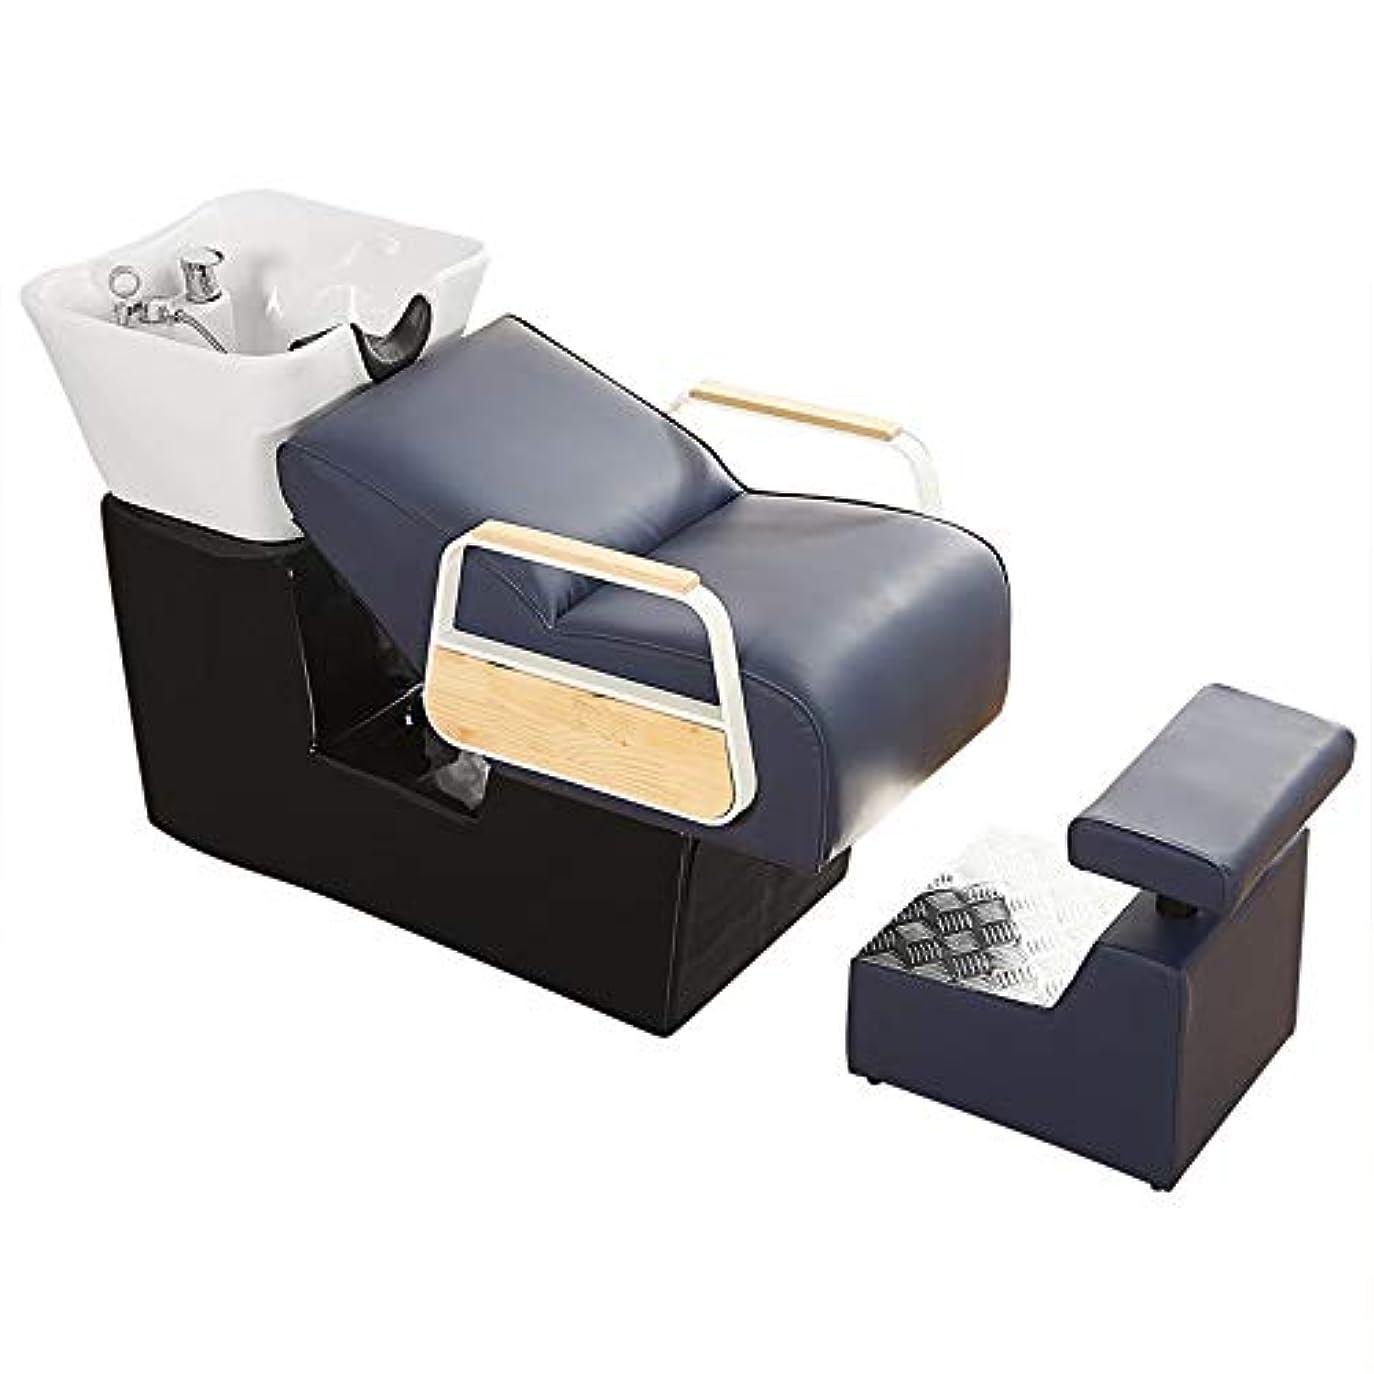 リズミカルな避難する難破船シャンプーの椅子、逆洗の単位の陶磁器の洗面器の洗面器のための洗面器のボウル理髪シンクの椅子